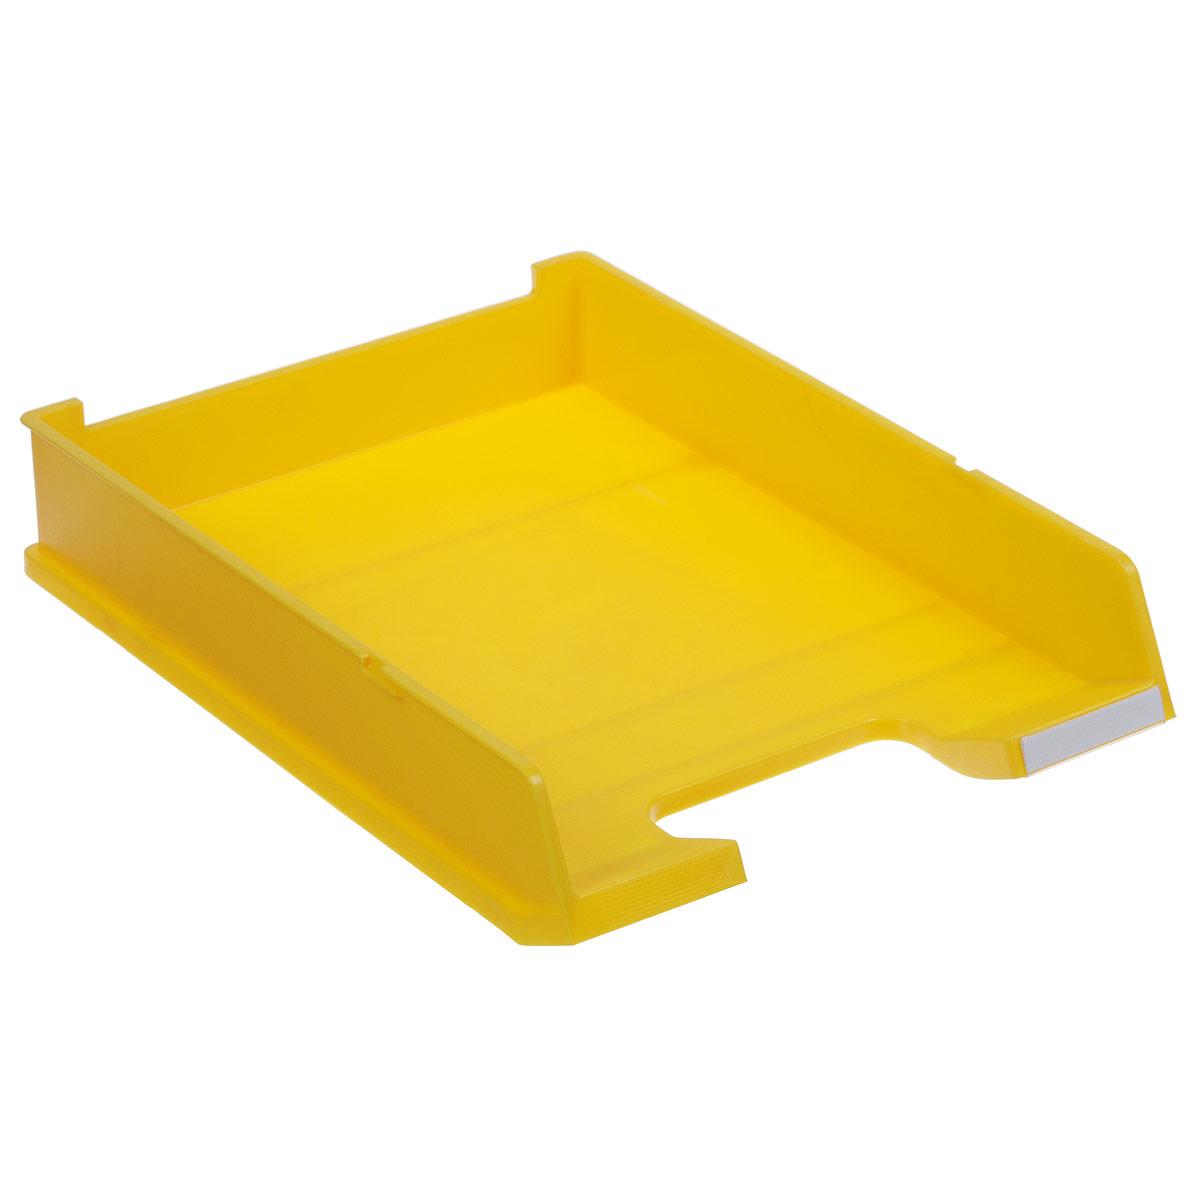 Лоток для бумаг горизонтальный HAN C4, цвет: желтый353.FГоризонтальный лоток для бумаг HAN C4 предназначен для хранения бумаг и документов формата А4. Лоток с оригинальным дизайном корпуса поможет вам навести порядок на столе и сэкономить пространство.Лоток изготовлен из экологически чистого непрозрачного антистатического пластика. Приподнятая фронтальная часть лотка облегчает изъятие документов из накопителя. Лоток имеет пластиковые ножки, предотвращающие скольжение по столу. Также лоток оснащен небольшим прозрачным окошком для этикетки. Лоток для бумаг станет незаменимым помощником для работы с бумагами дома или в офисе, а его стильный дизайн впишется в любой интерьер. Благодаря лотку для бумаг, важные бумаги и документы всегда будут под рукой.Несколько лотков можно ставить друг на друга, один в другой и друг на друга со смещением.